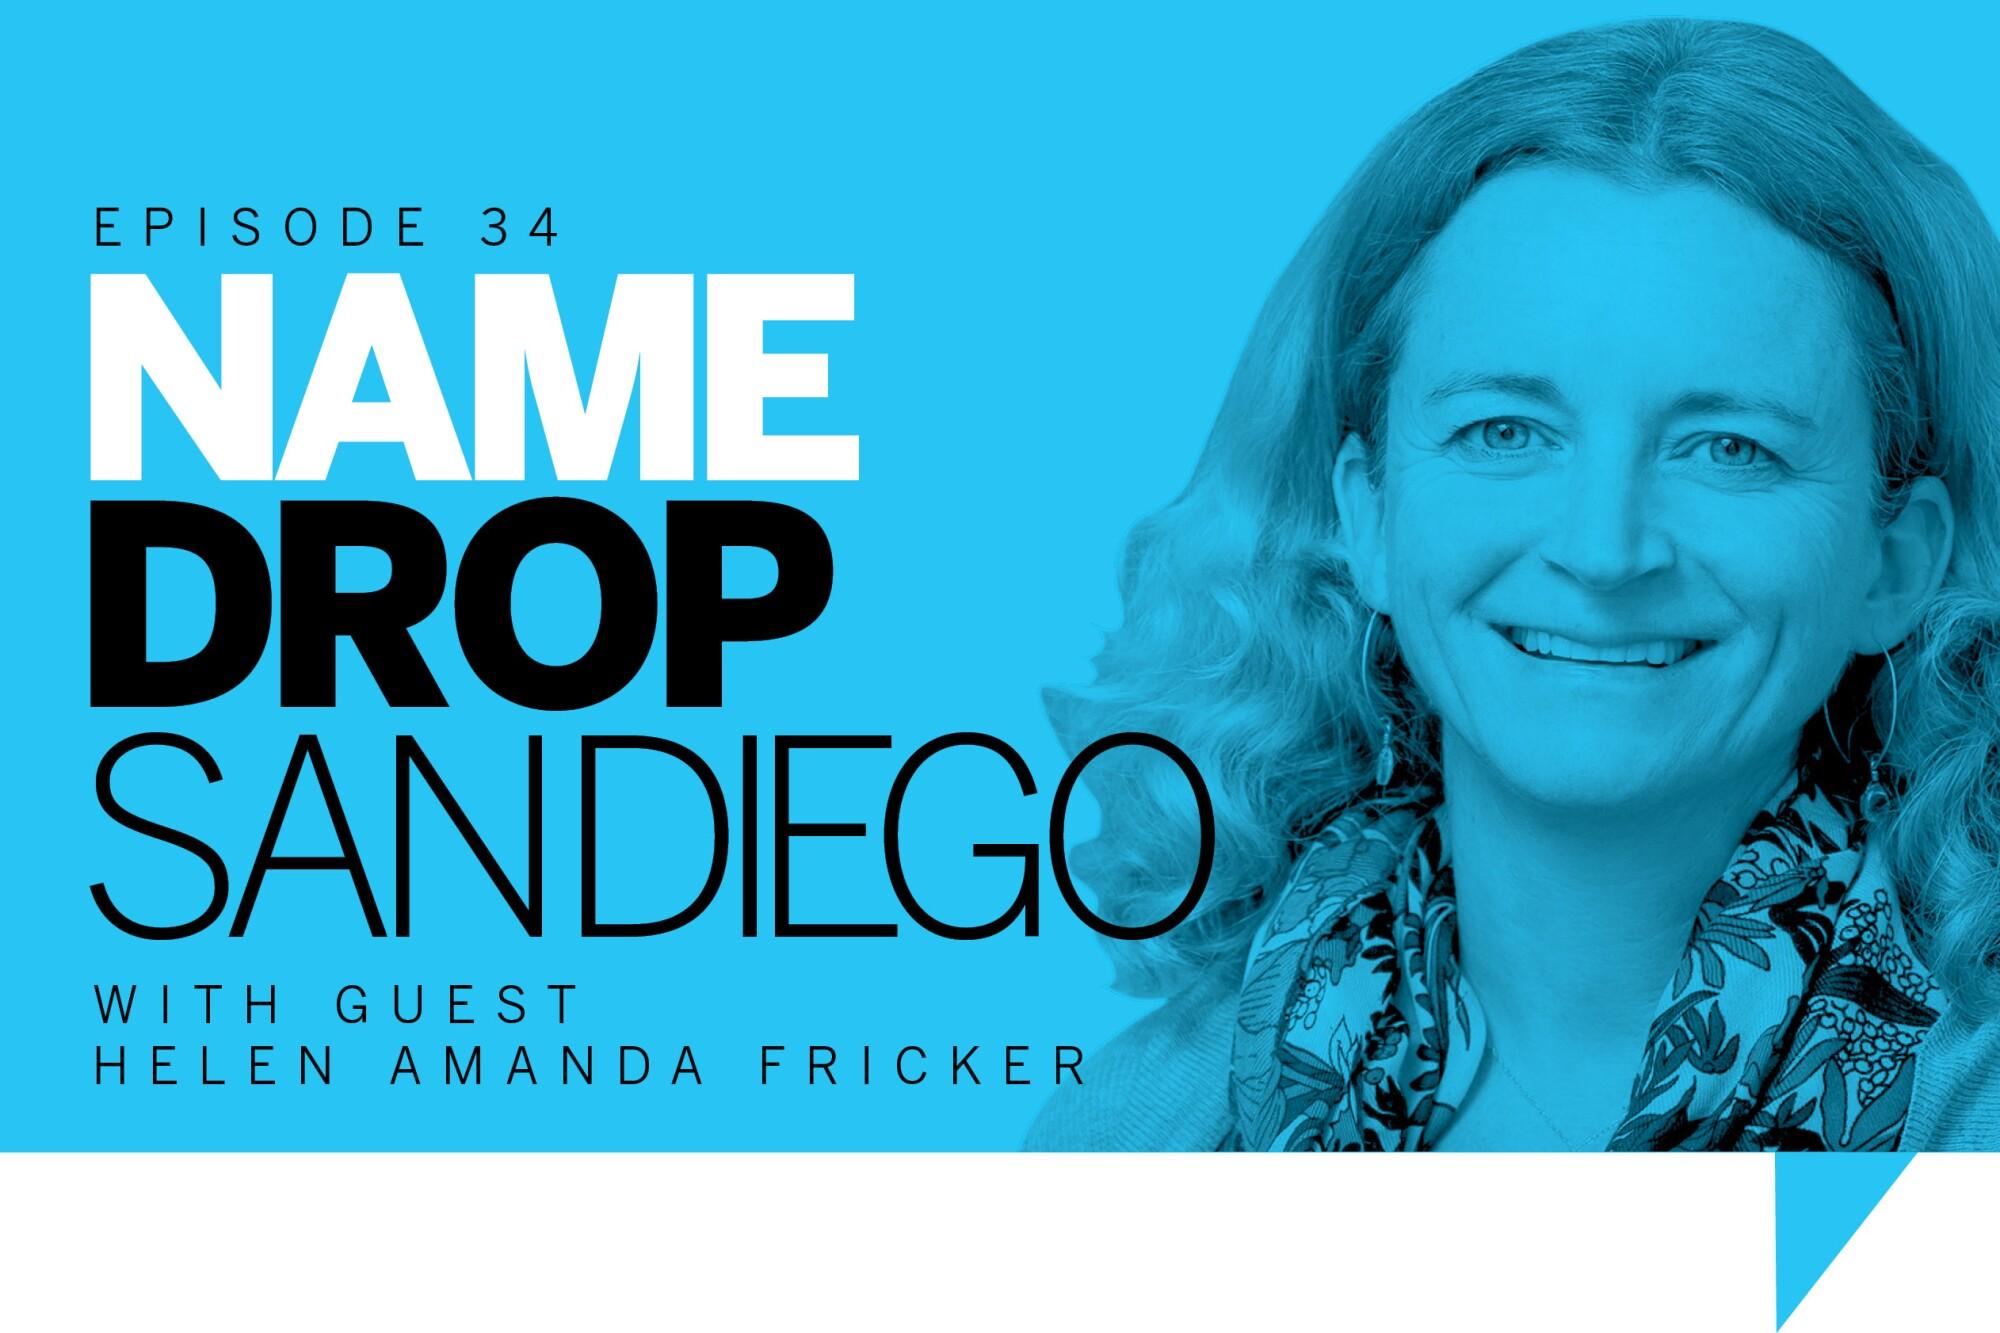 Helen Amanda Fricker